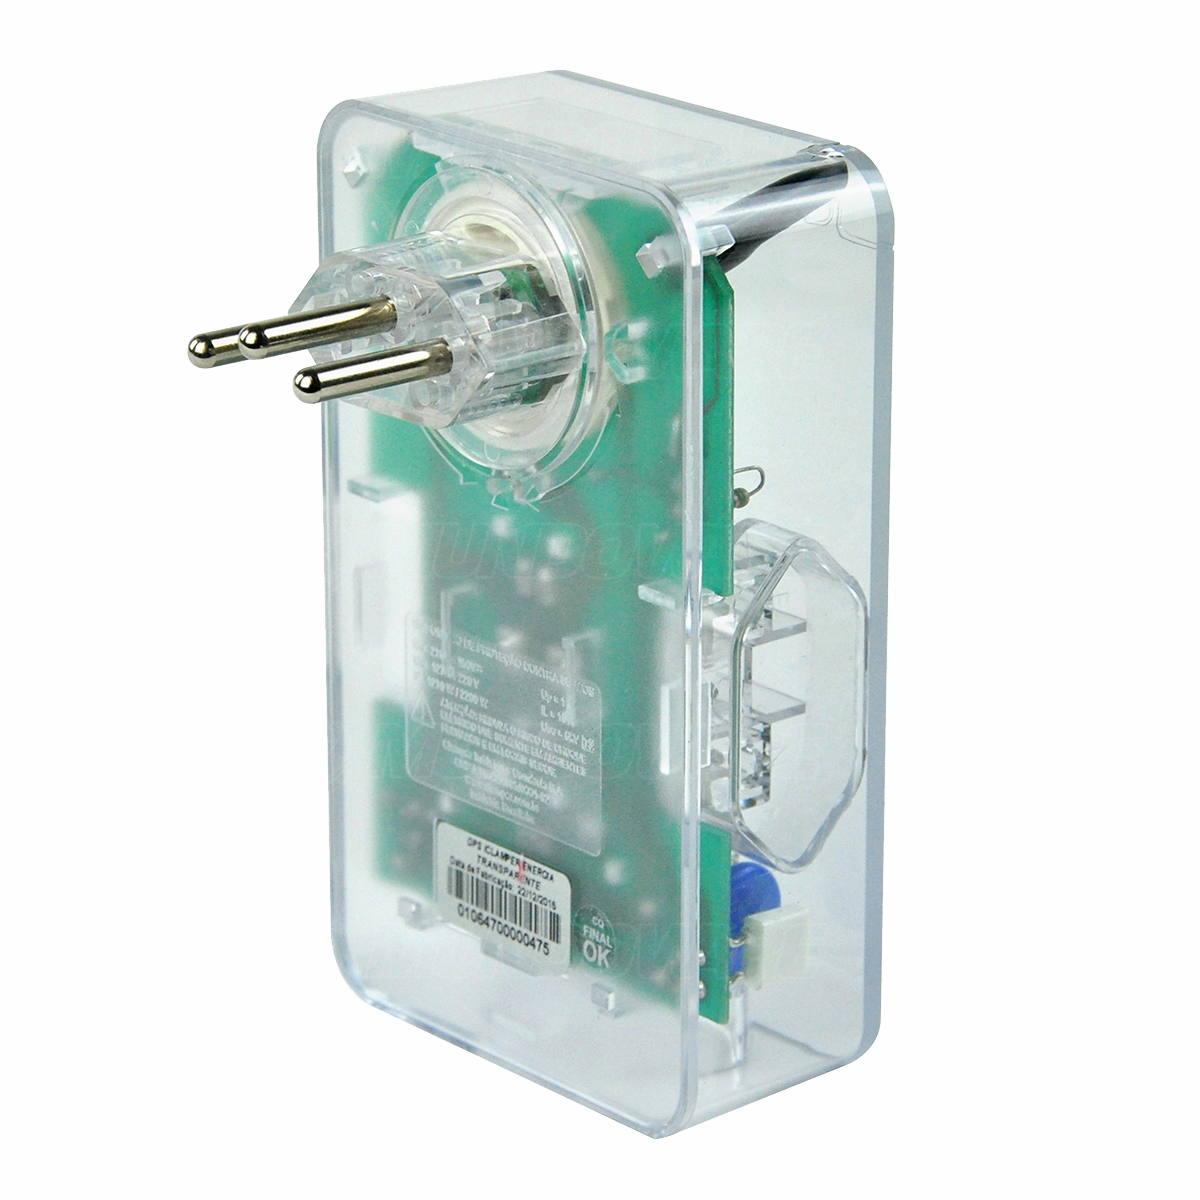 DPS 3 Tomadas e Plugue Giratório 180° Proteção Contra Raios Surtos Elétricos 10A Bivolt iClamper Energia 3 Transparente